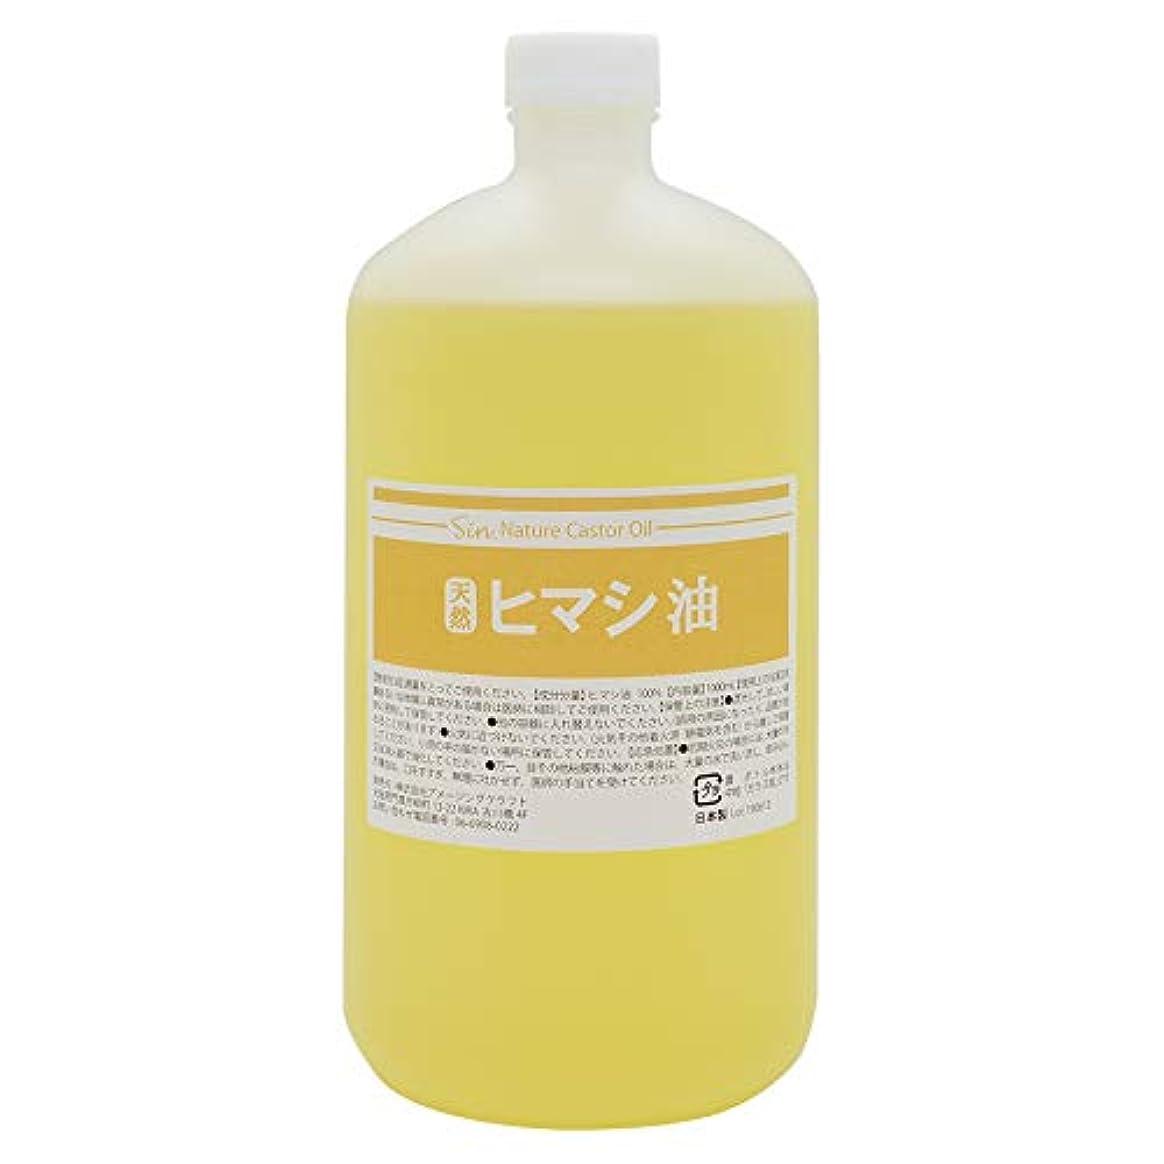 生き返らせる不愉快それから天然無添加 国内精製 ひまし油 1000ml (ヒマシ油 キャスターオイル)